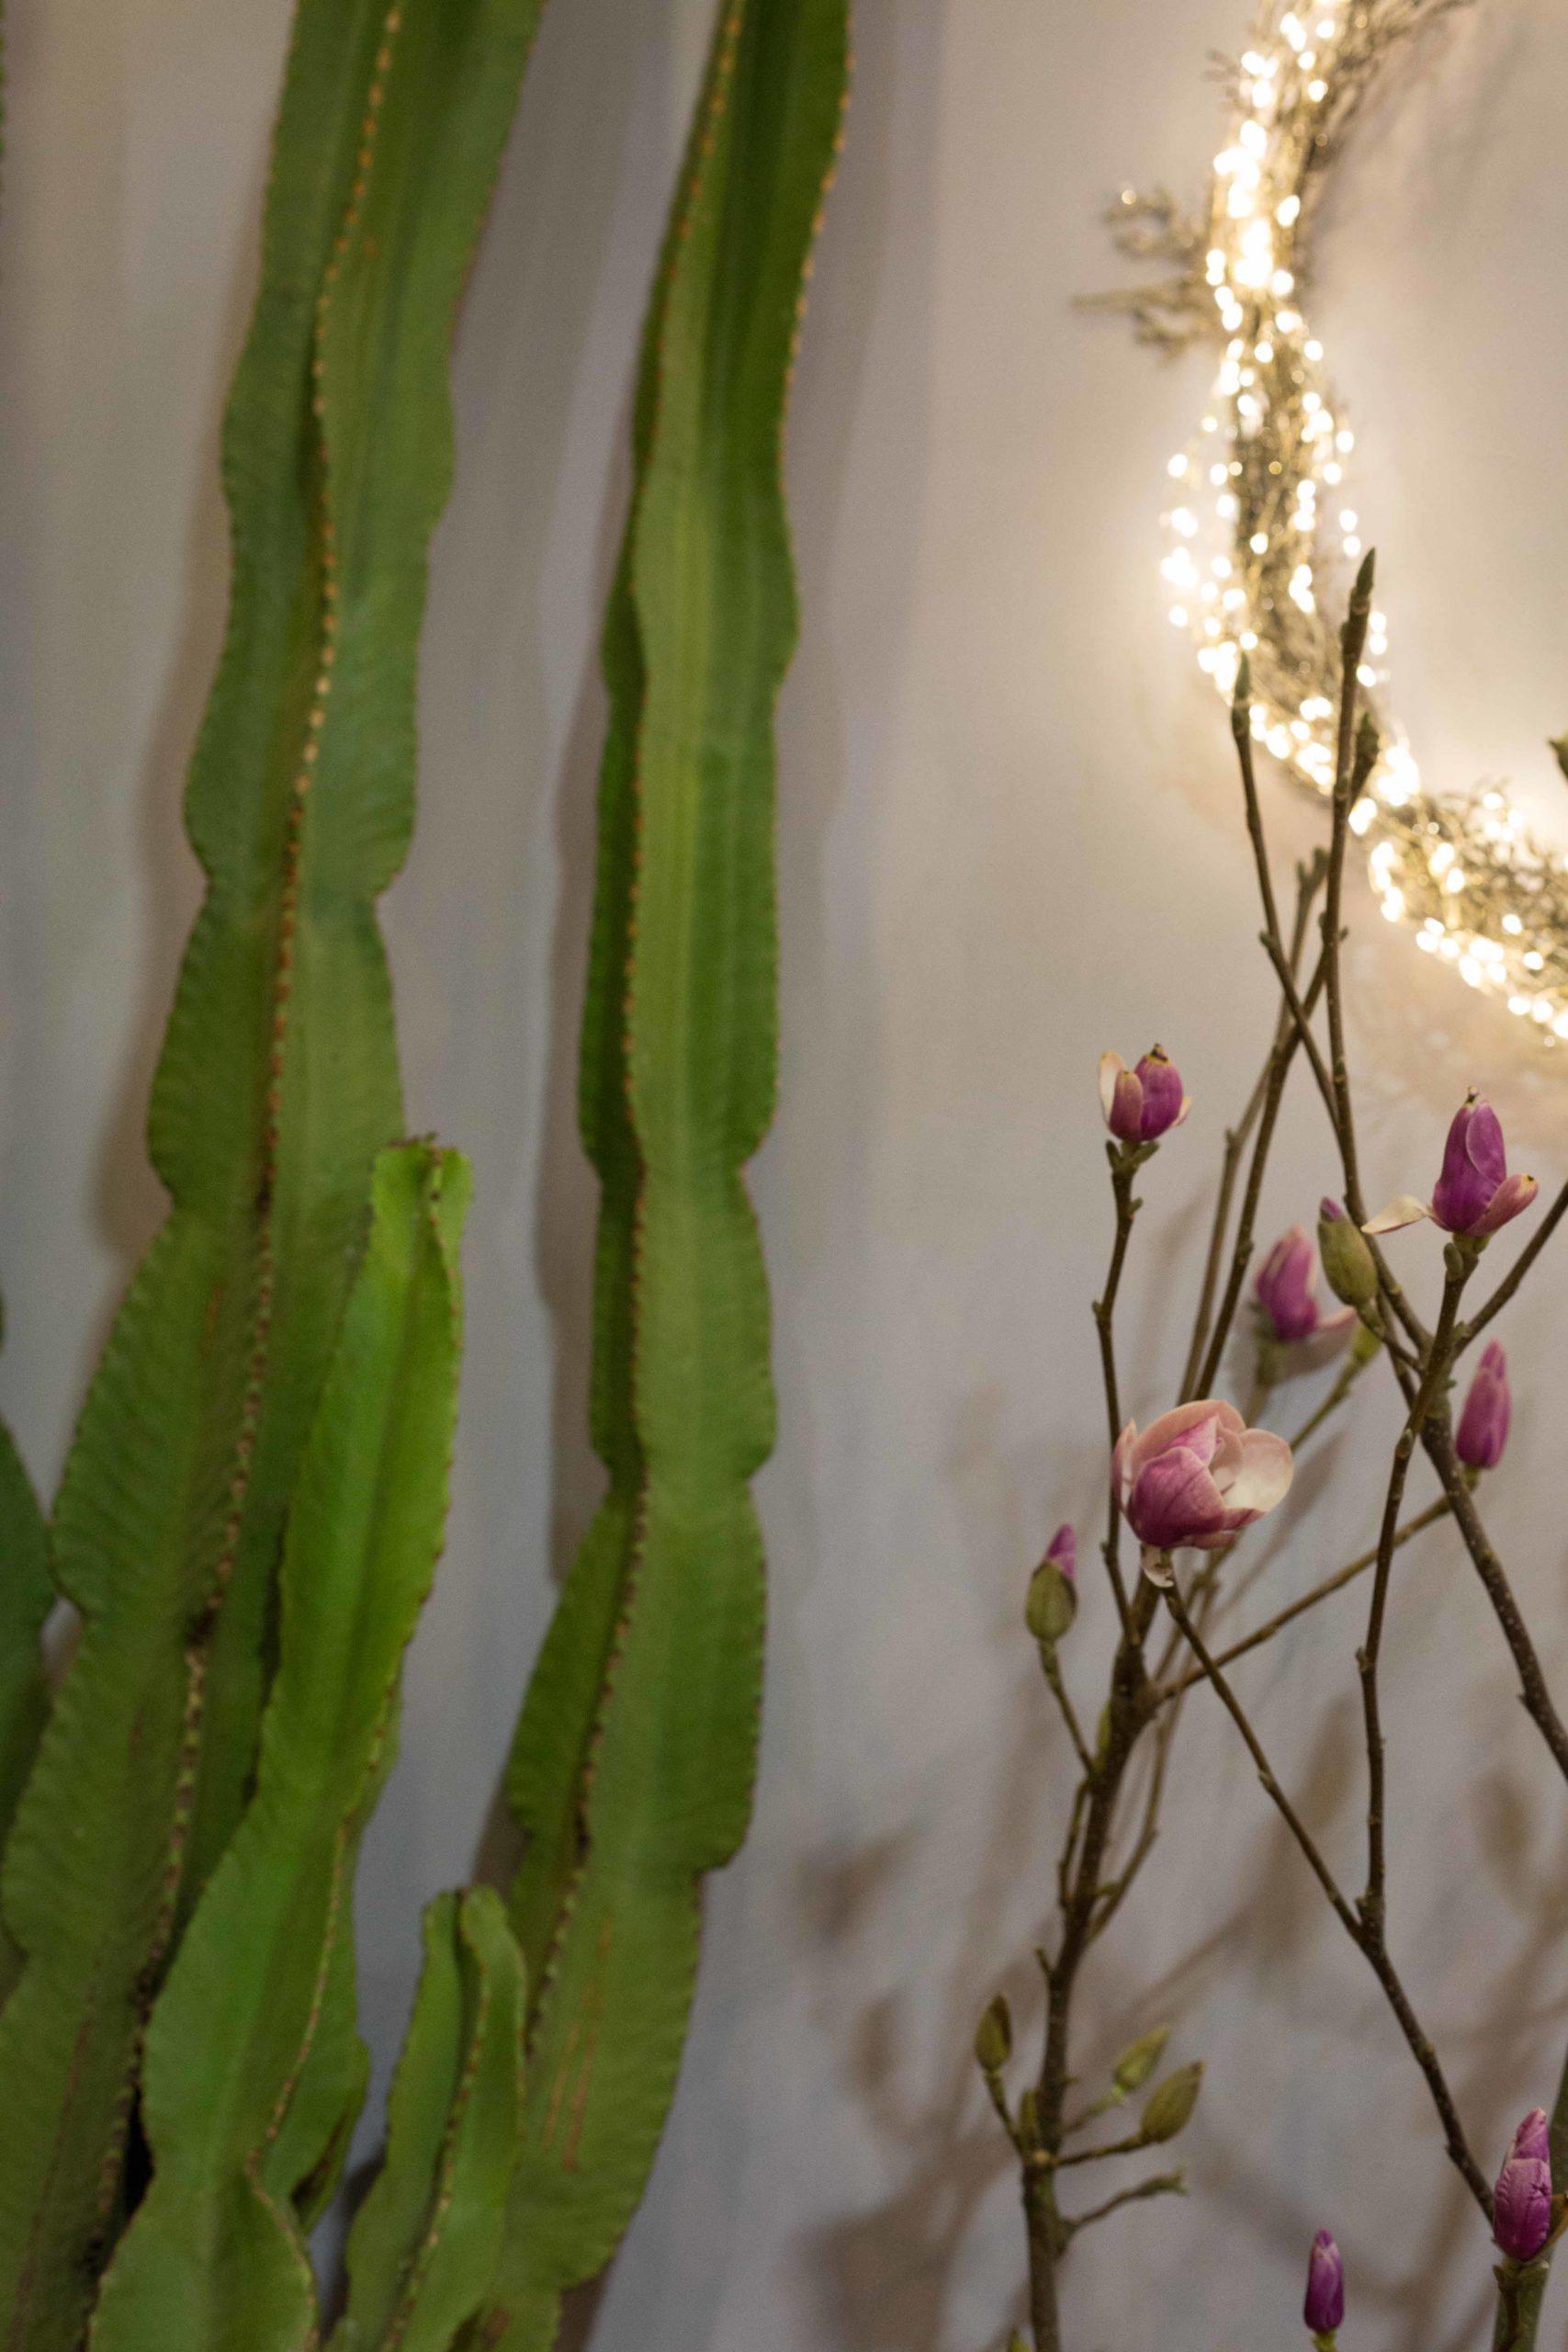 Cactus-Maison-des-Fleurs-Fleuriste-dans-5eme-arrondissement